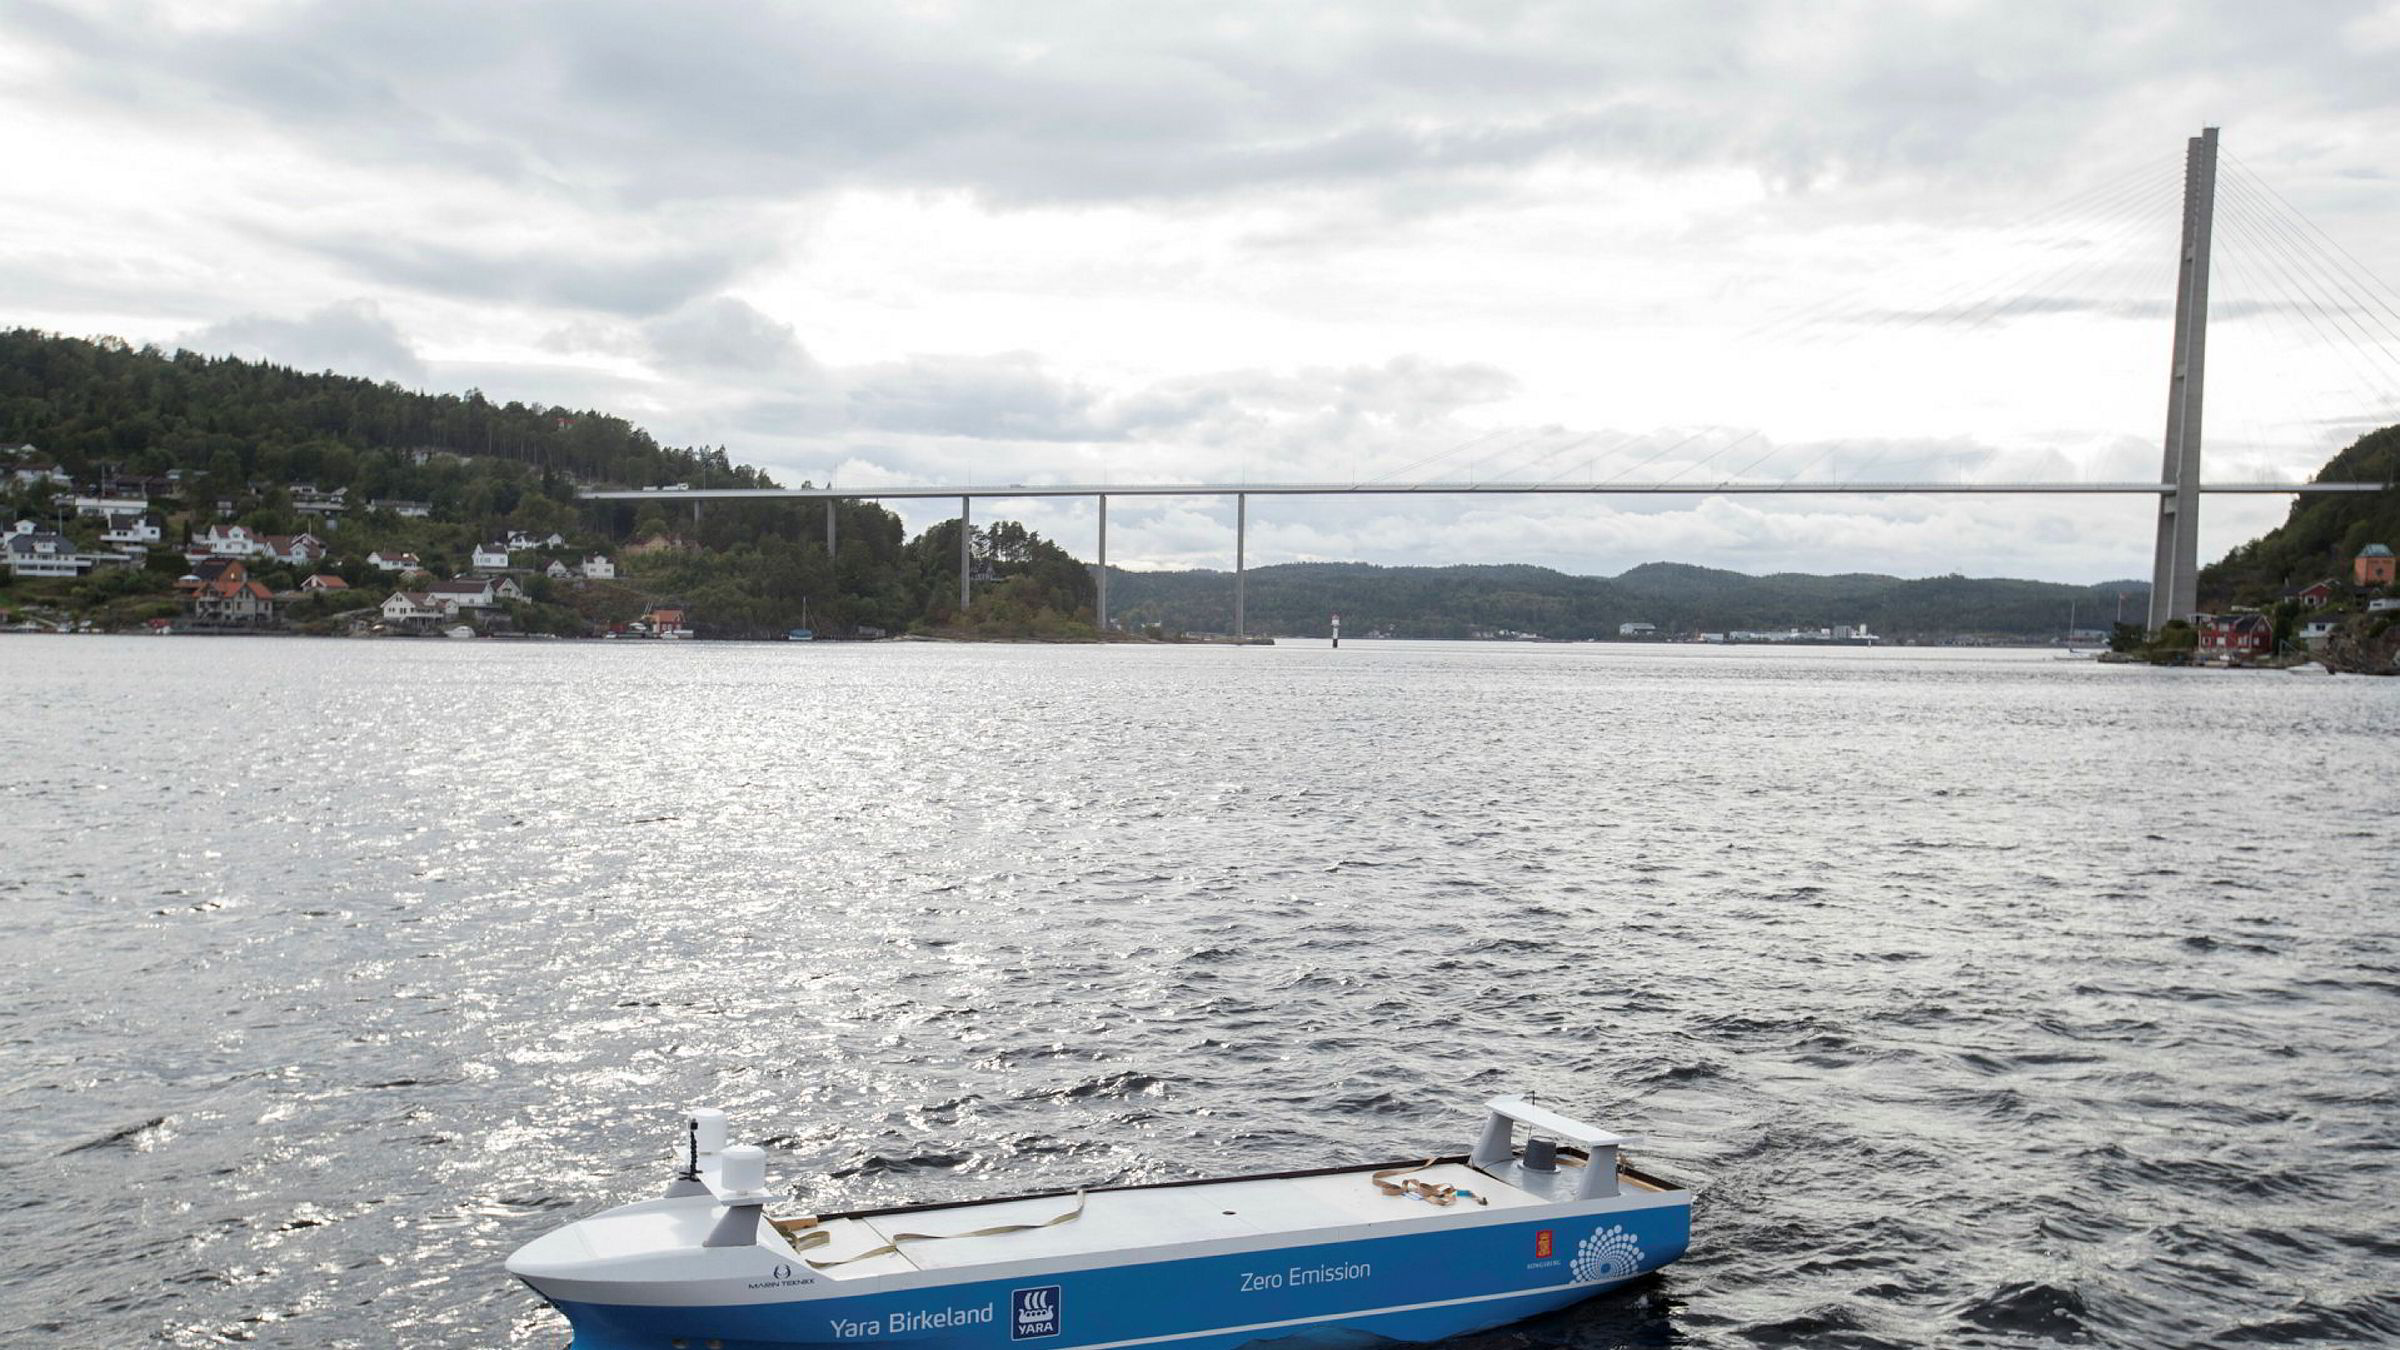 Vards verft i Brevik i Porsgrunn legges ned. Verftet signerte en avtale med Yara til en verdi av 250 millioner kroner for å bygge verdens første elektriske og selvkjørende konteinerskip Yara Birkeland.